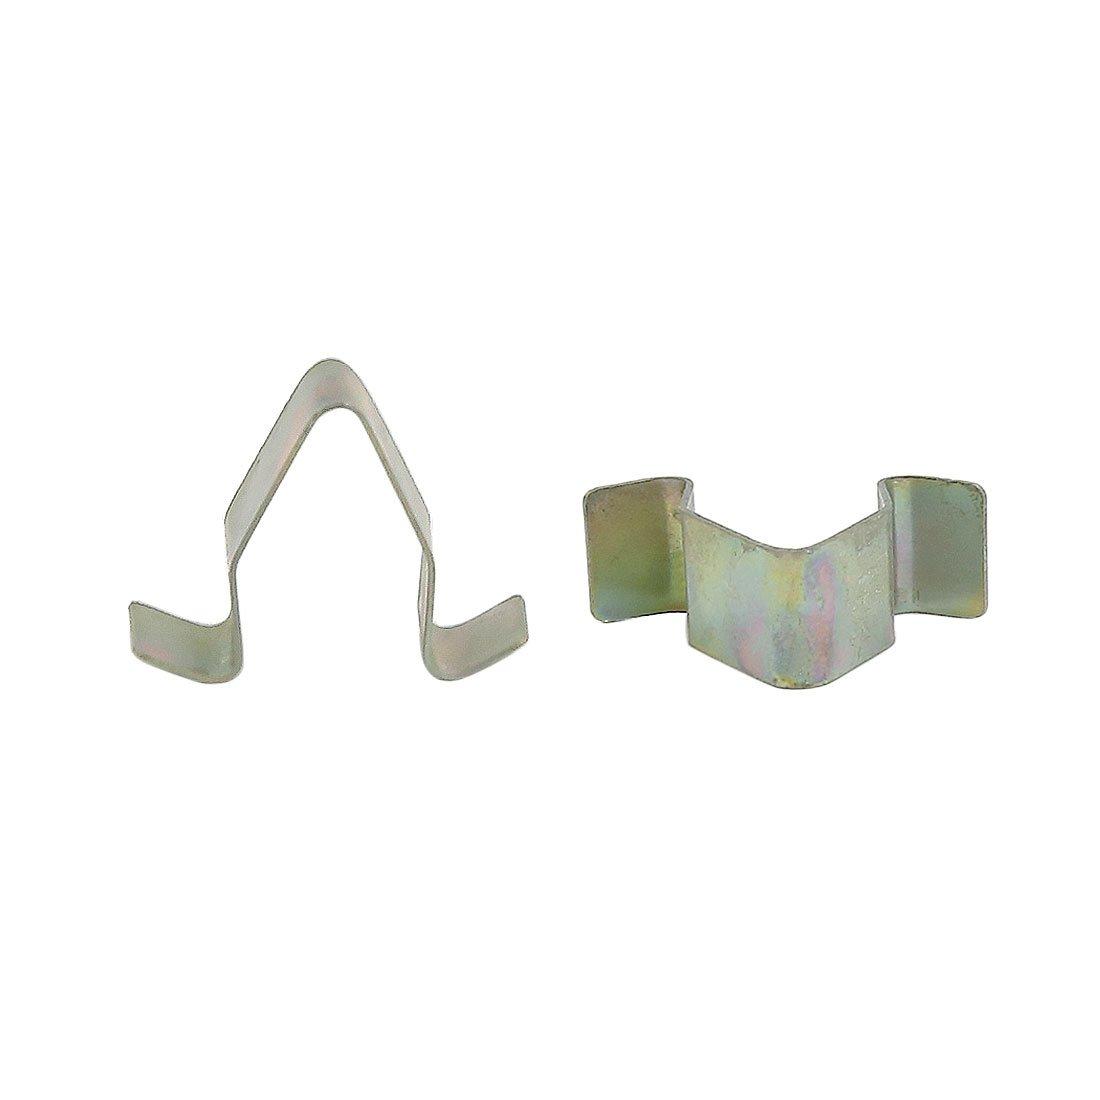 20pcs Voiture Rivet fixation Agrafe trou 11, 5 mm diamètre garniture moulage métal ton bronzé 5 mm diamètre garniture moulage métal ton bronzé sourcing map a16080400ux0332